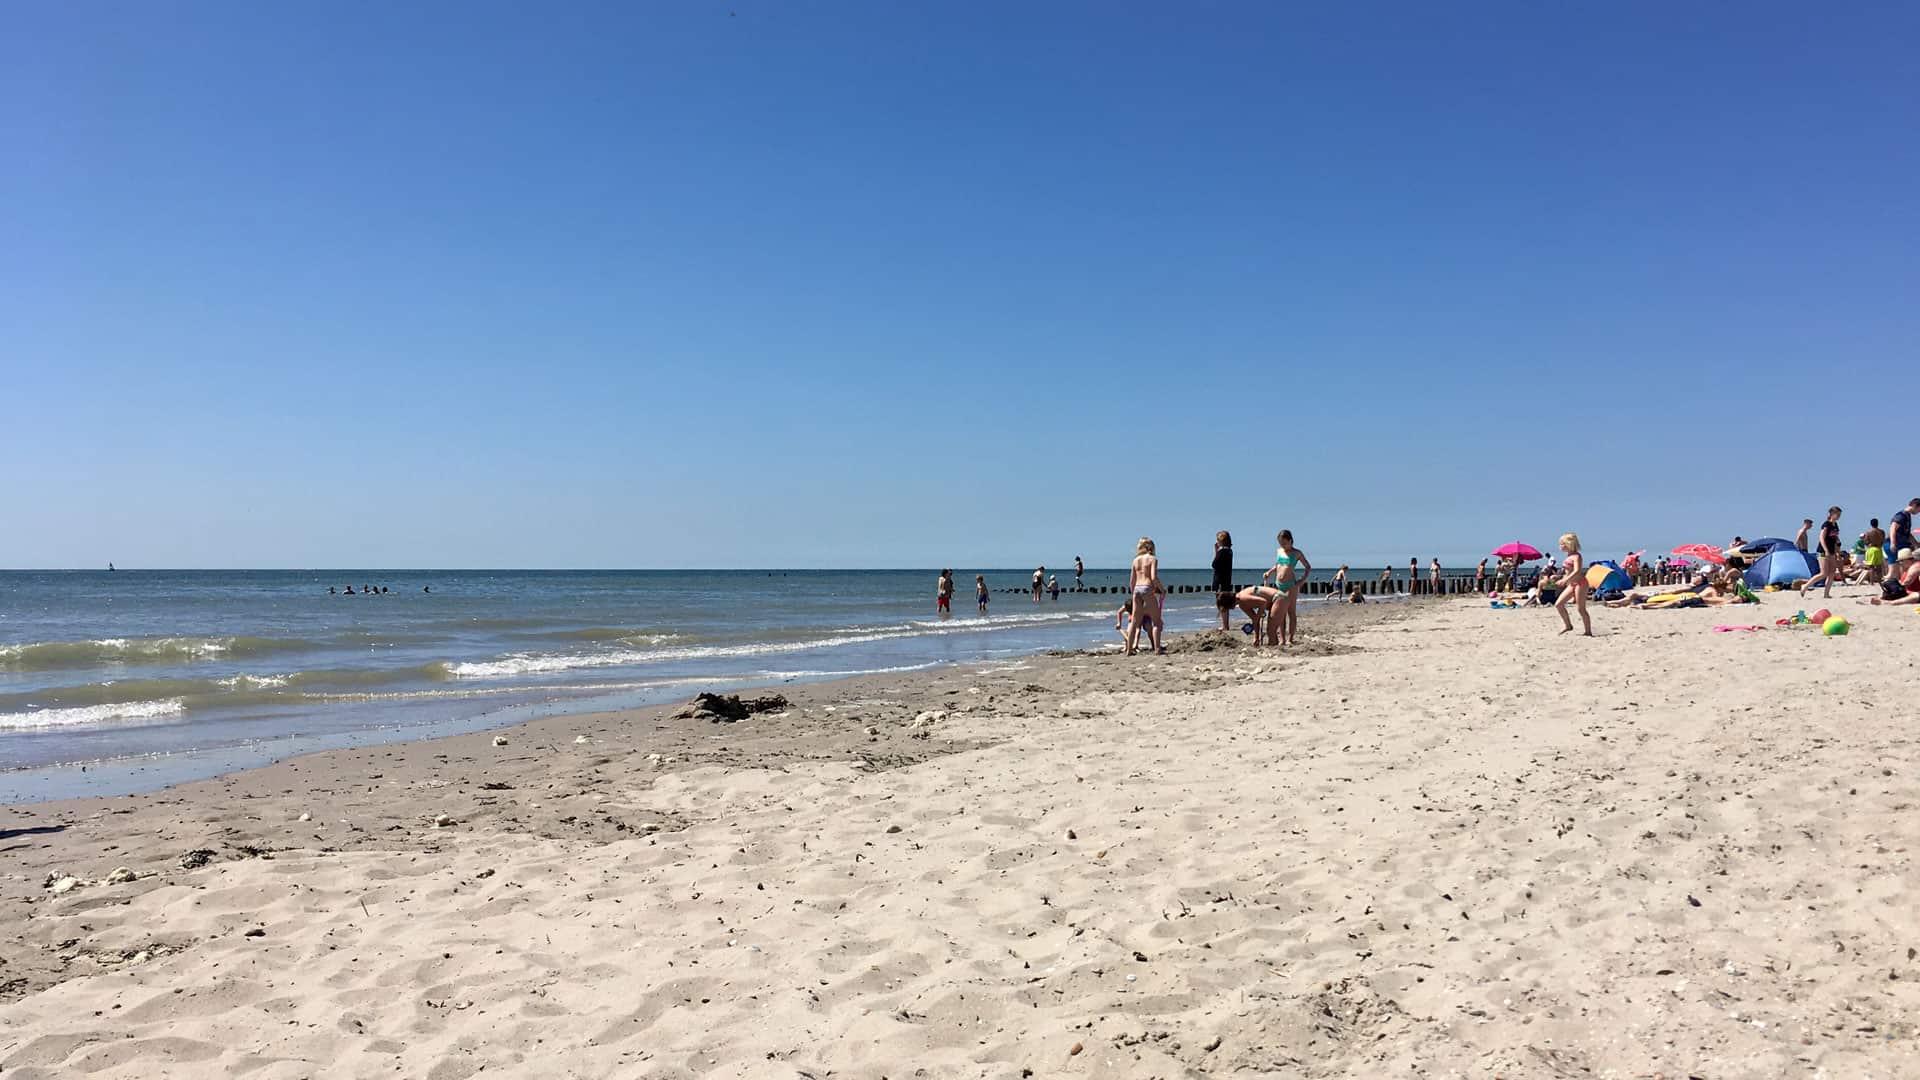 Vakantieperiode zomer 2018